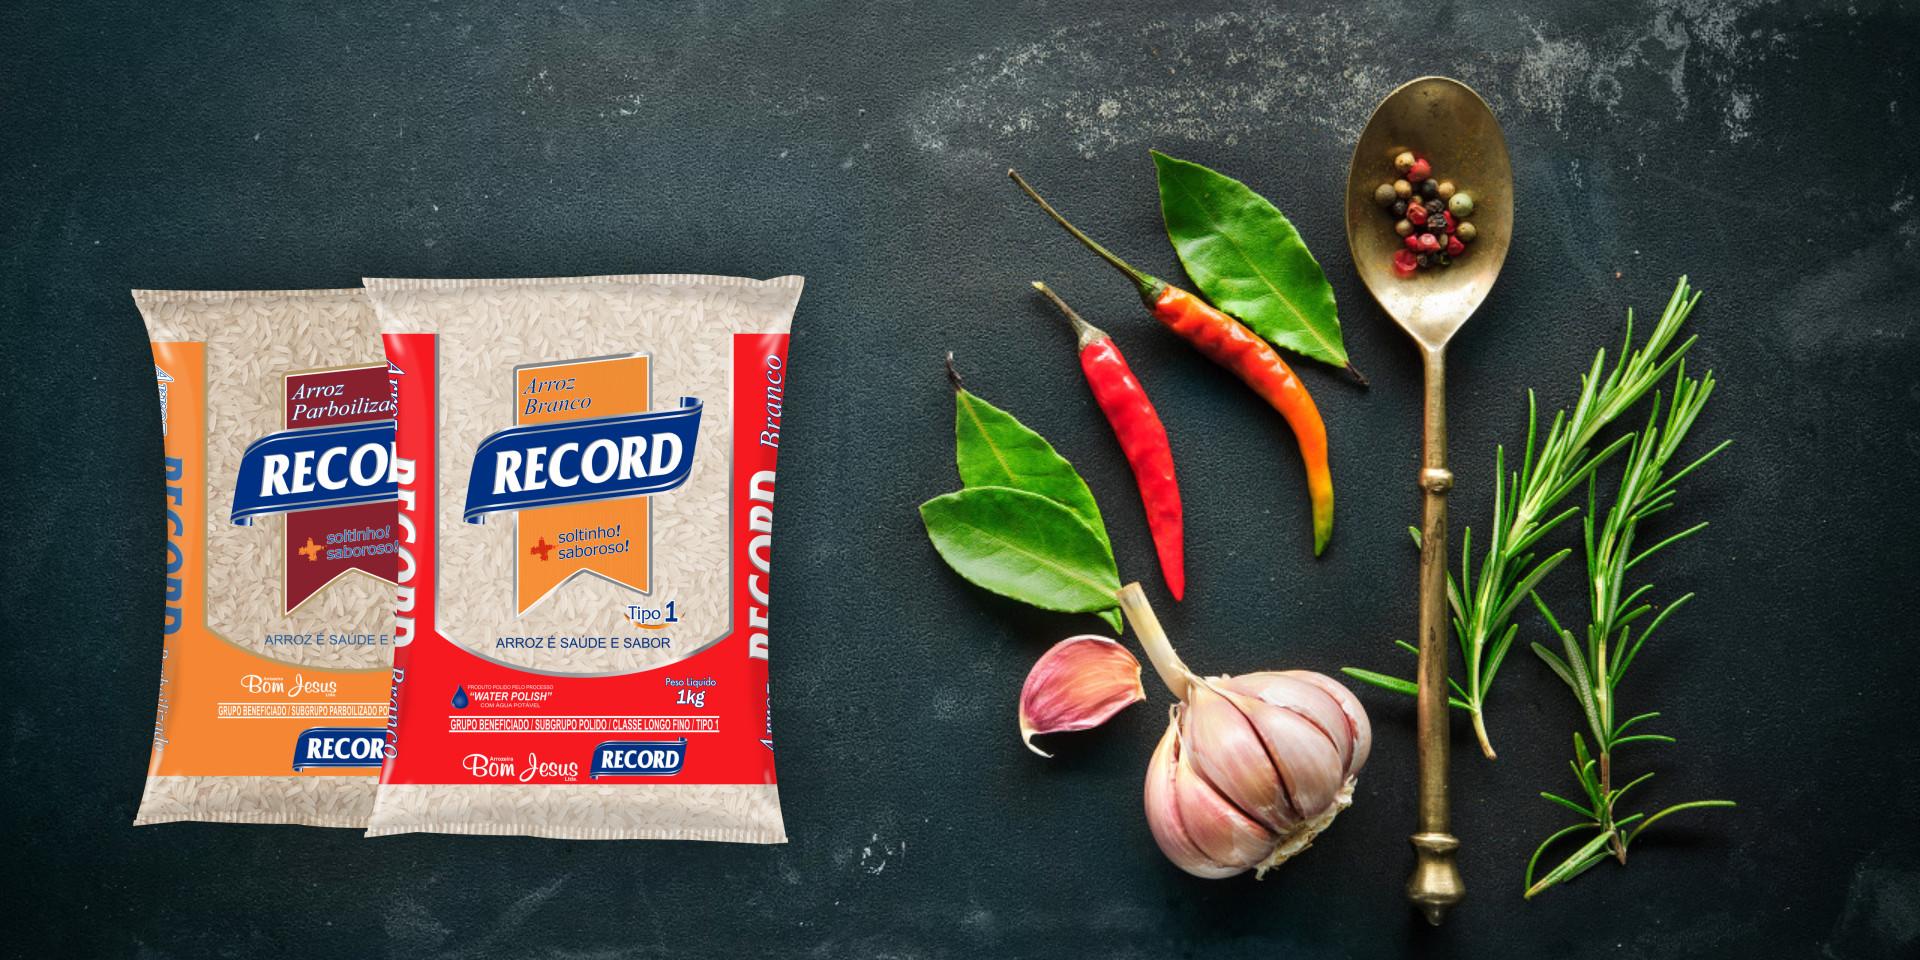 Imagem de fundo mostra as embalagens do arroz Record, pimentas, alho e uma colher